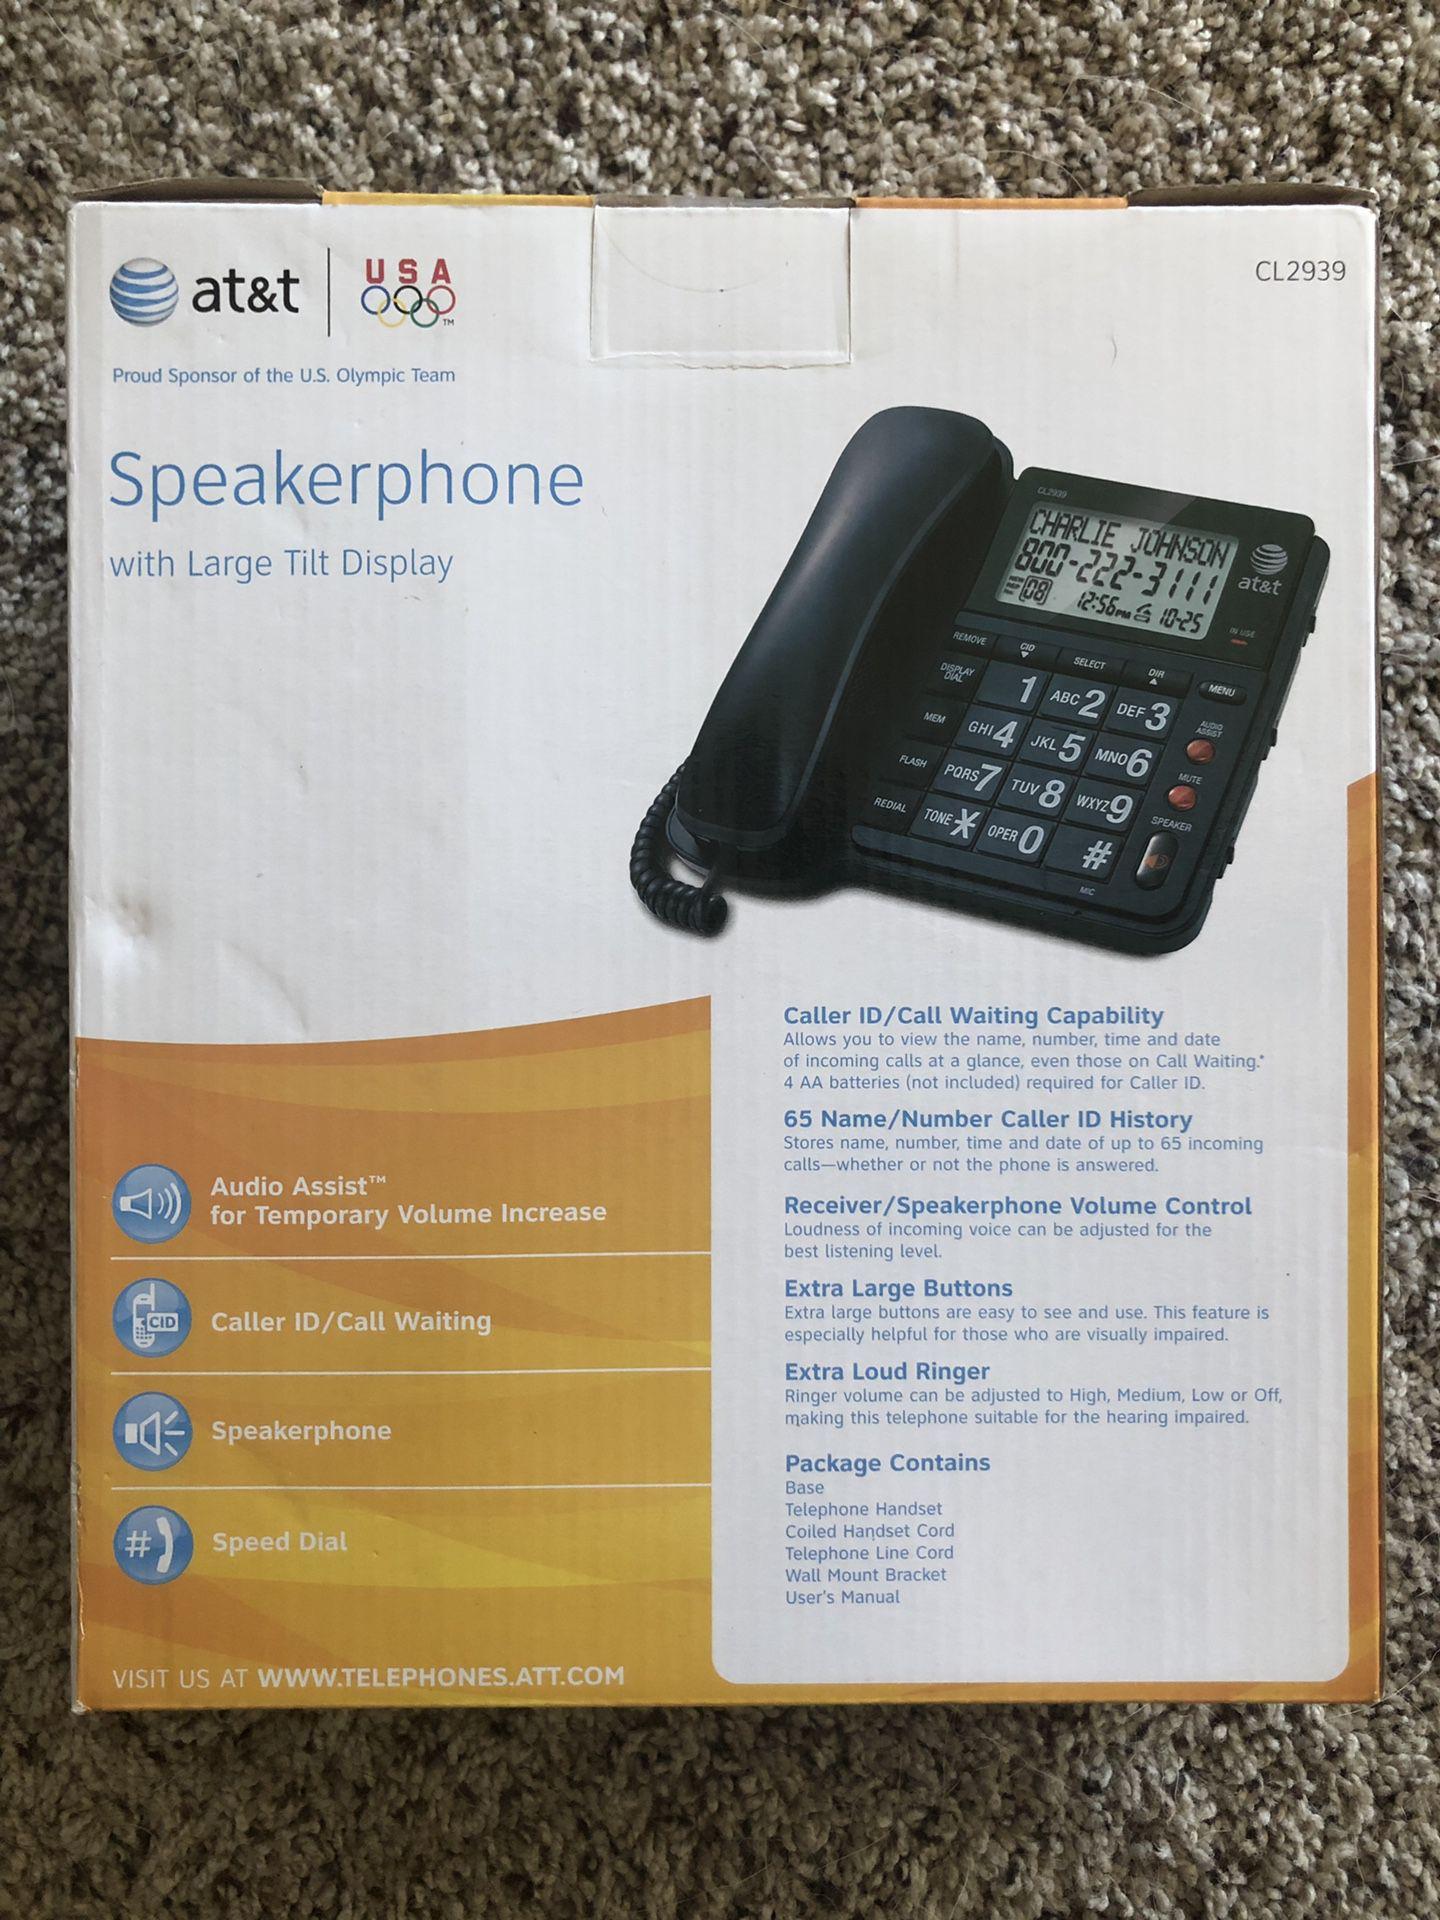 AT&T CL2939 Speakerphone